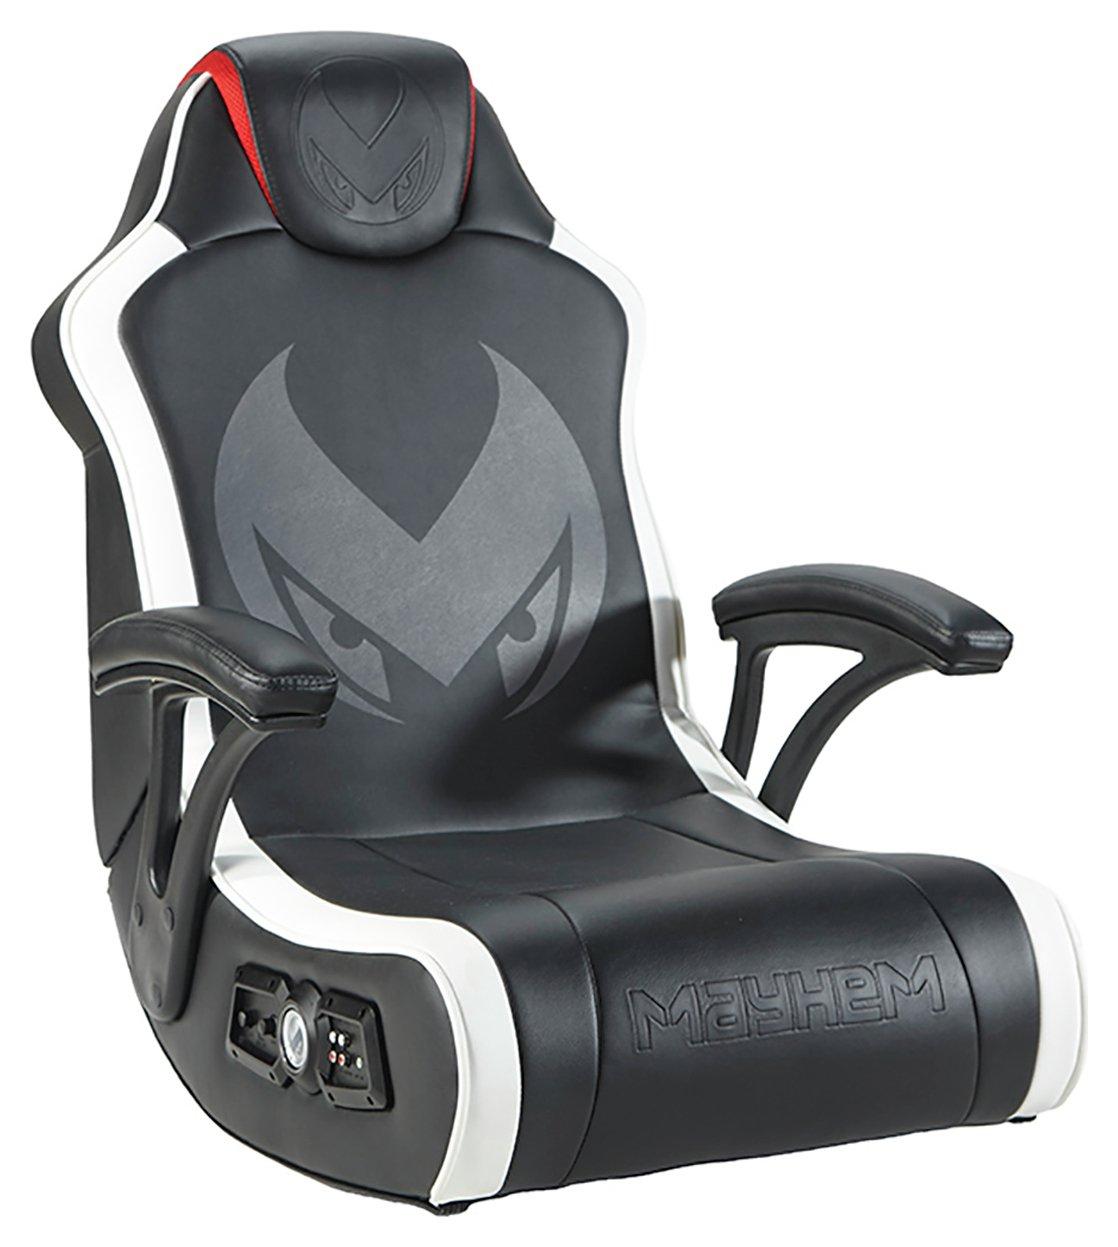 Mayhem Max 2.1 Floor Rocker Gaming Chair